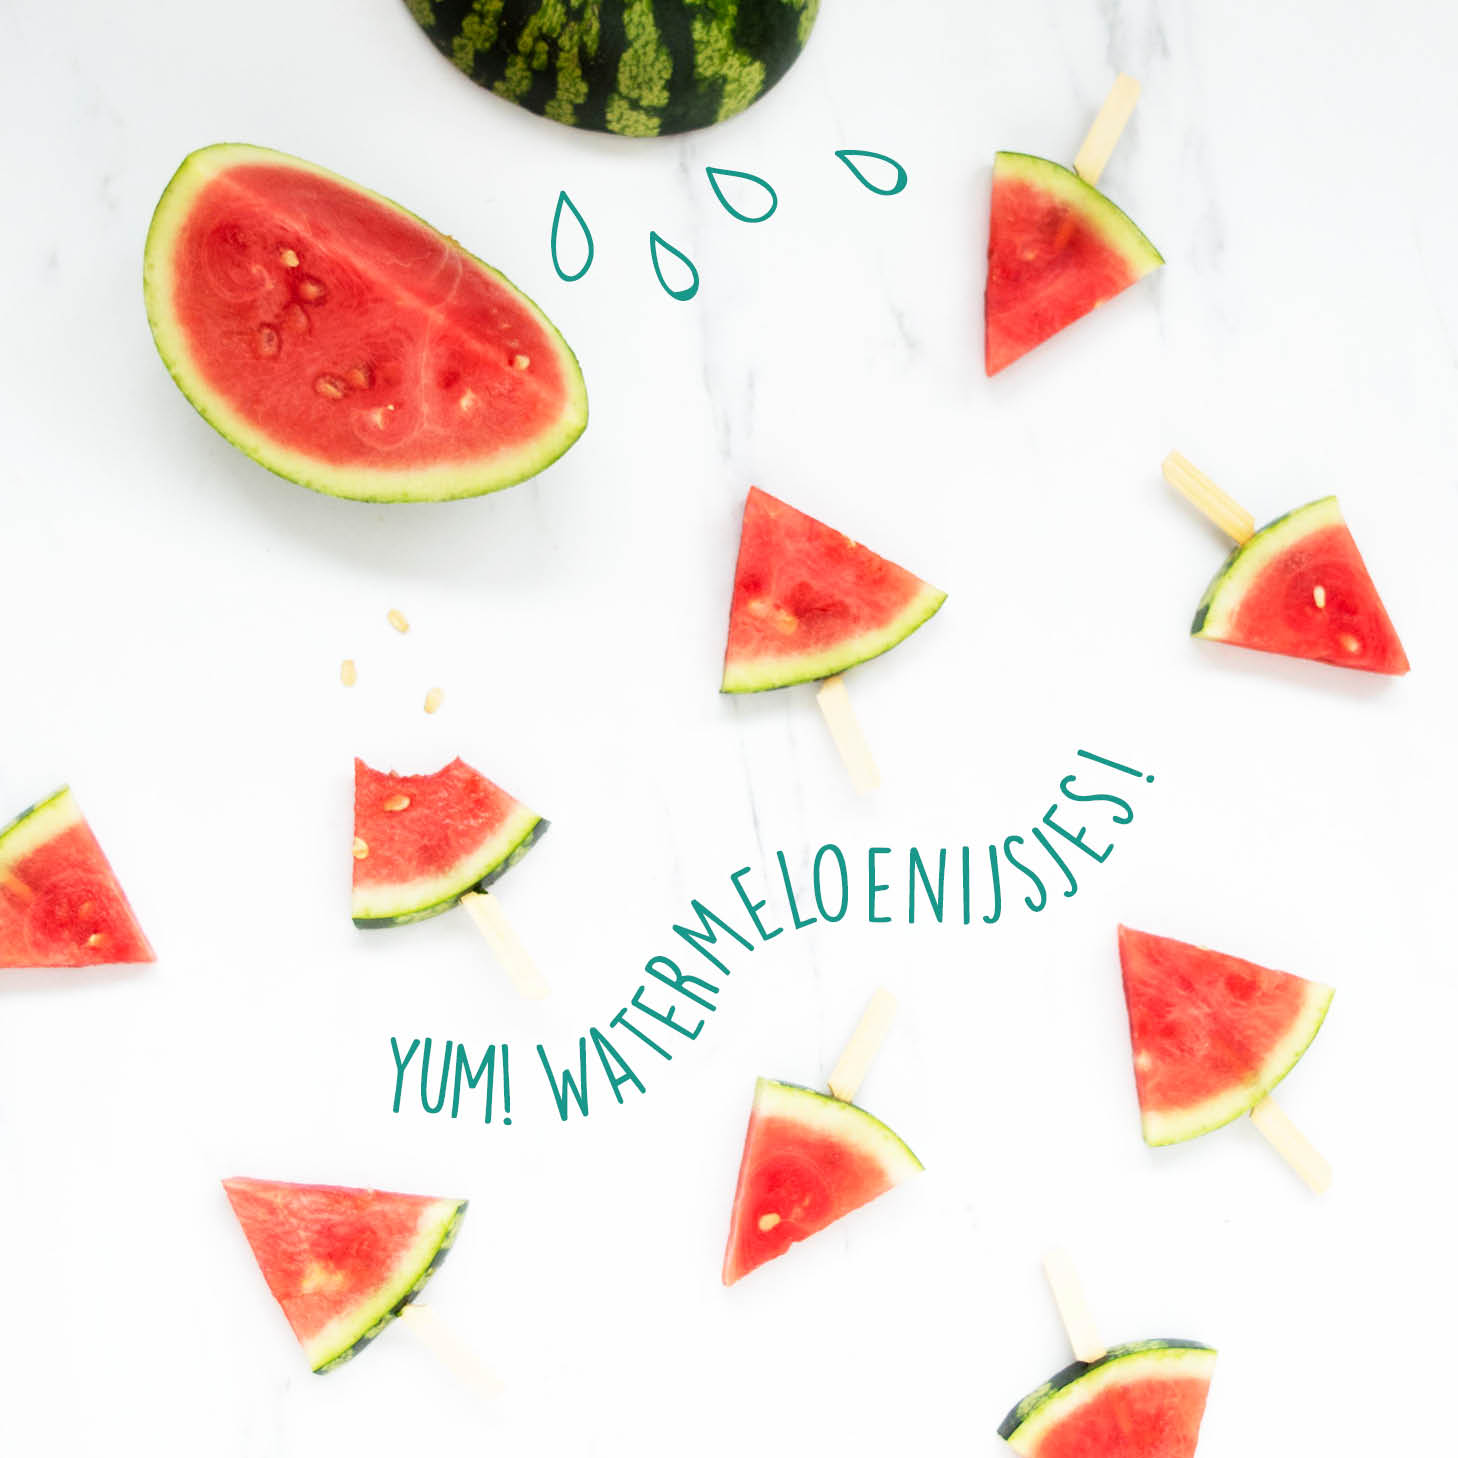 recept watermeloenijsjes